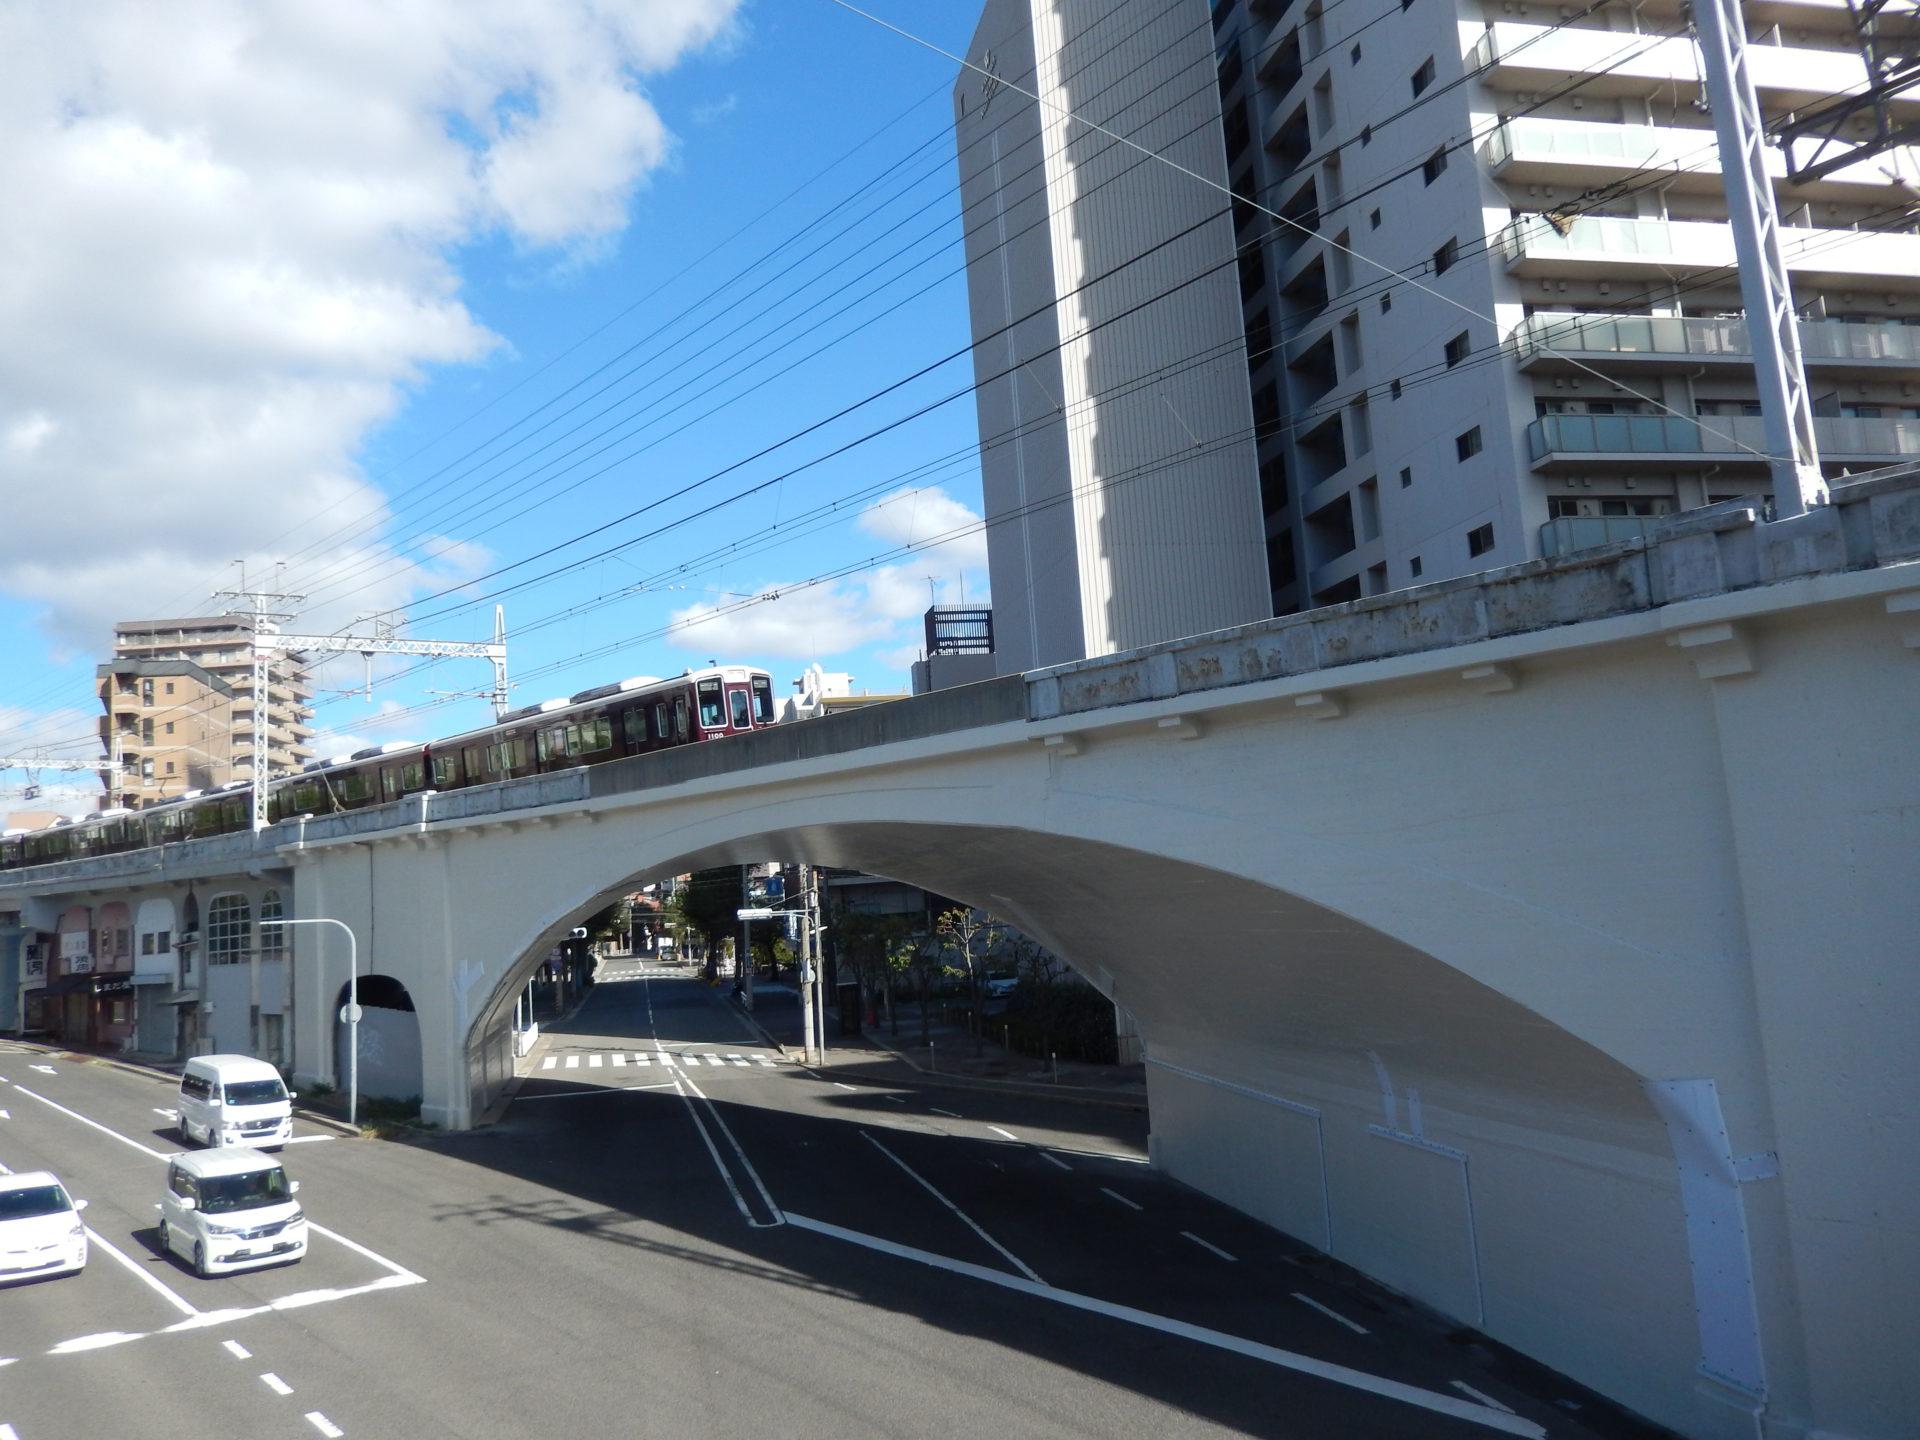 図-2 灘駅の西にある灘拱橋(L=49.07m)、街路と大きく斜交しているのでねじれて見える